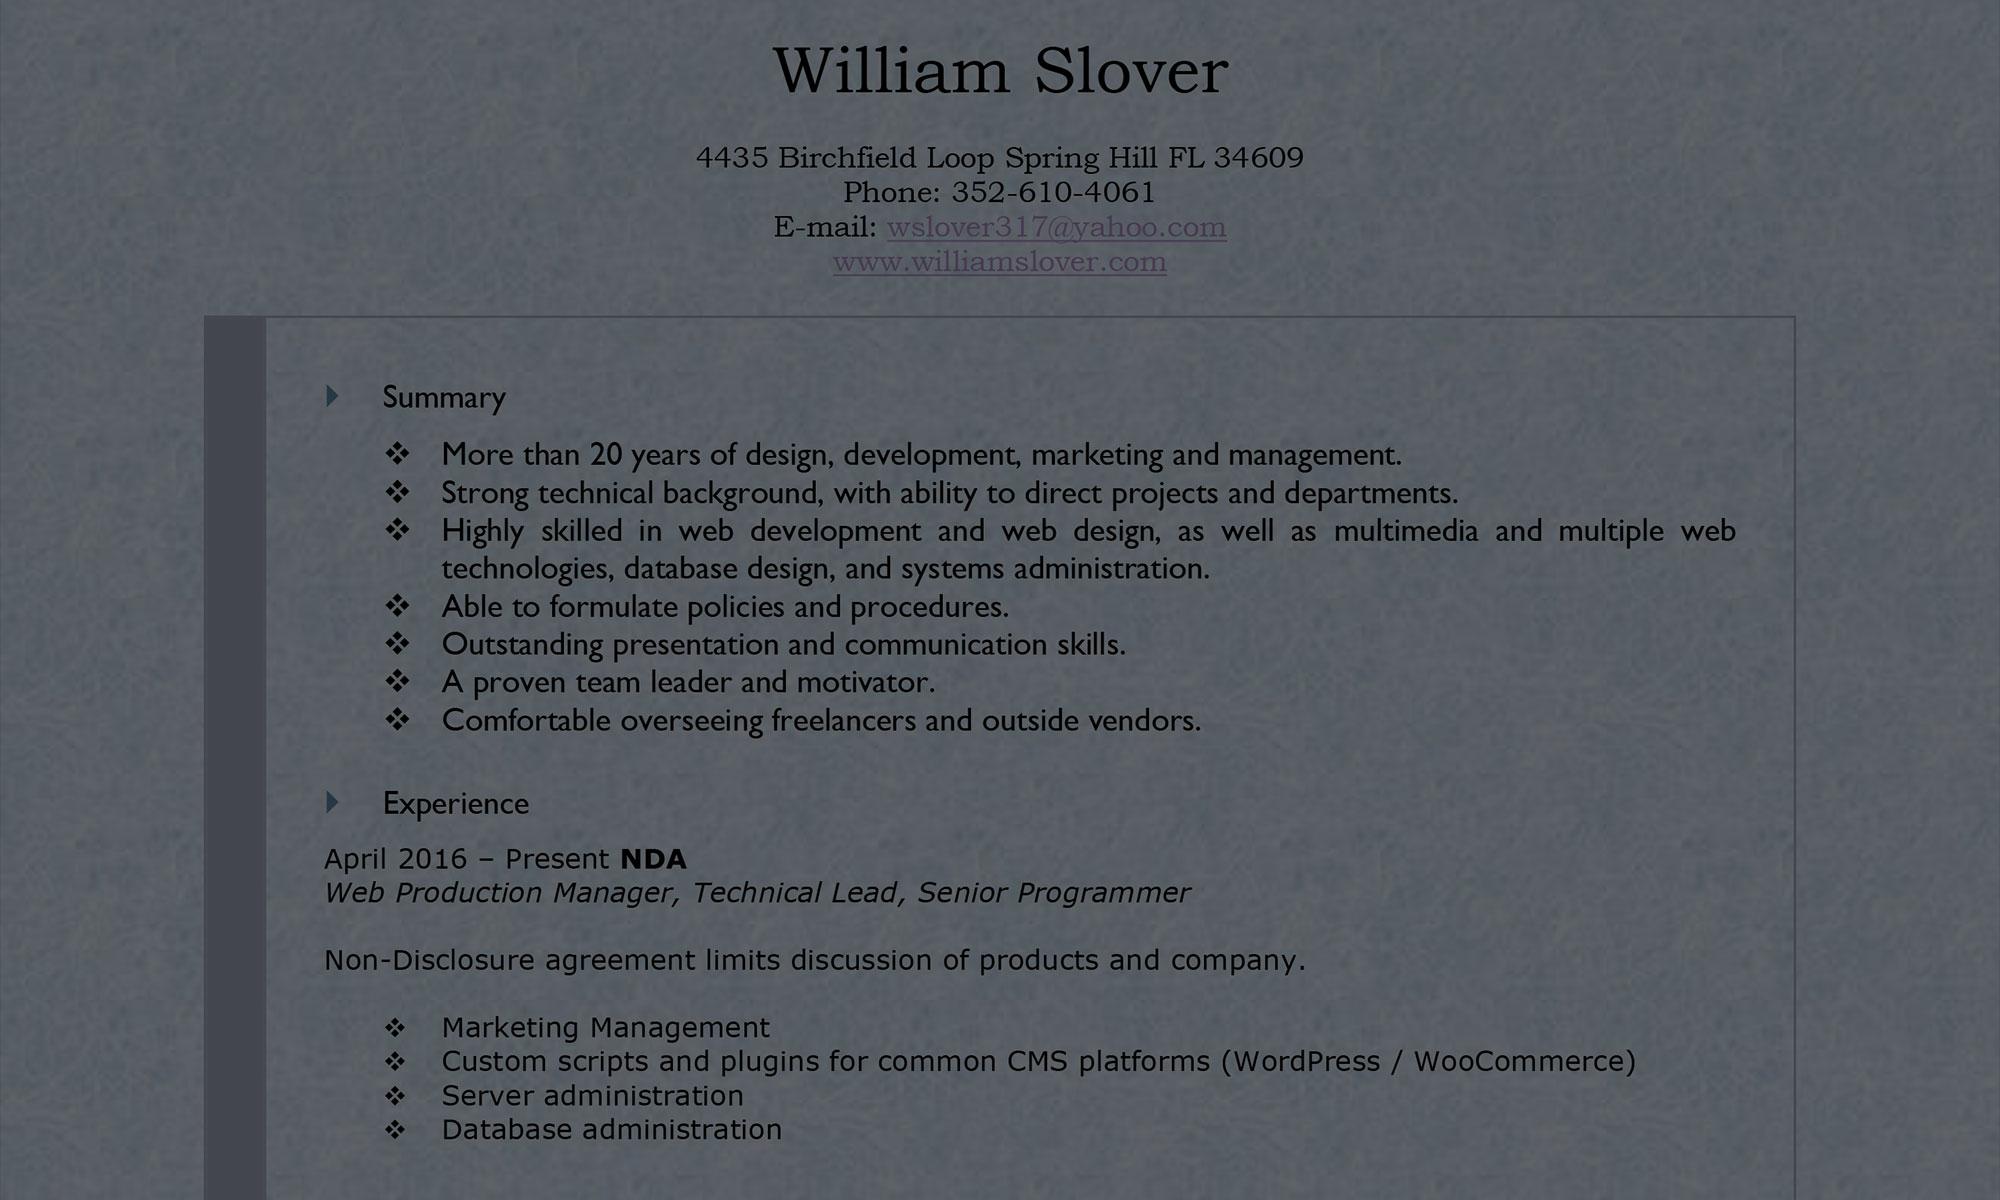 William Slover